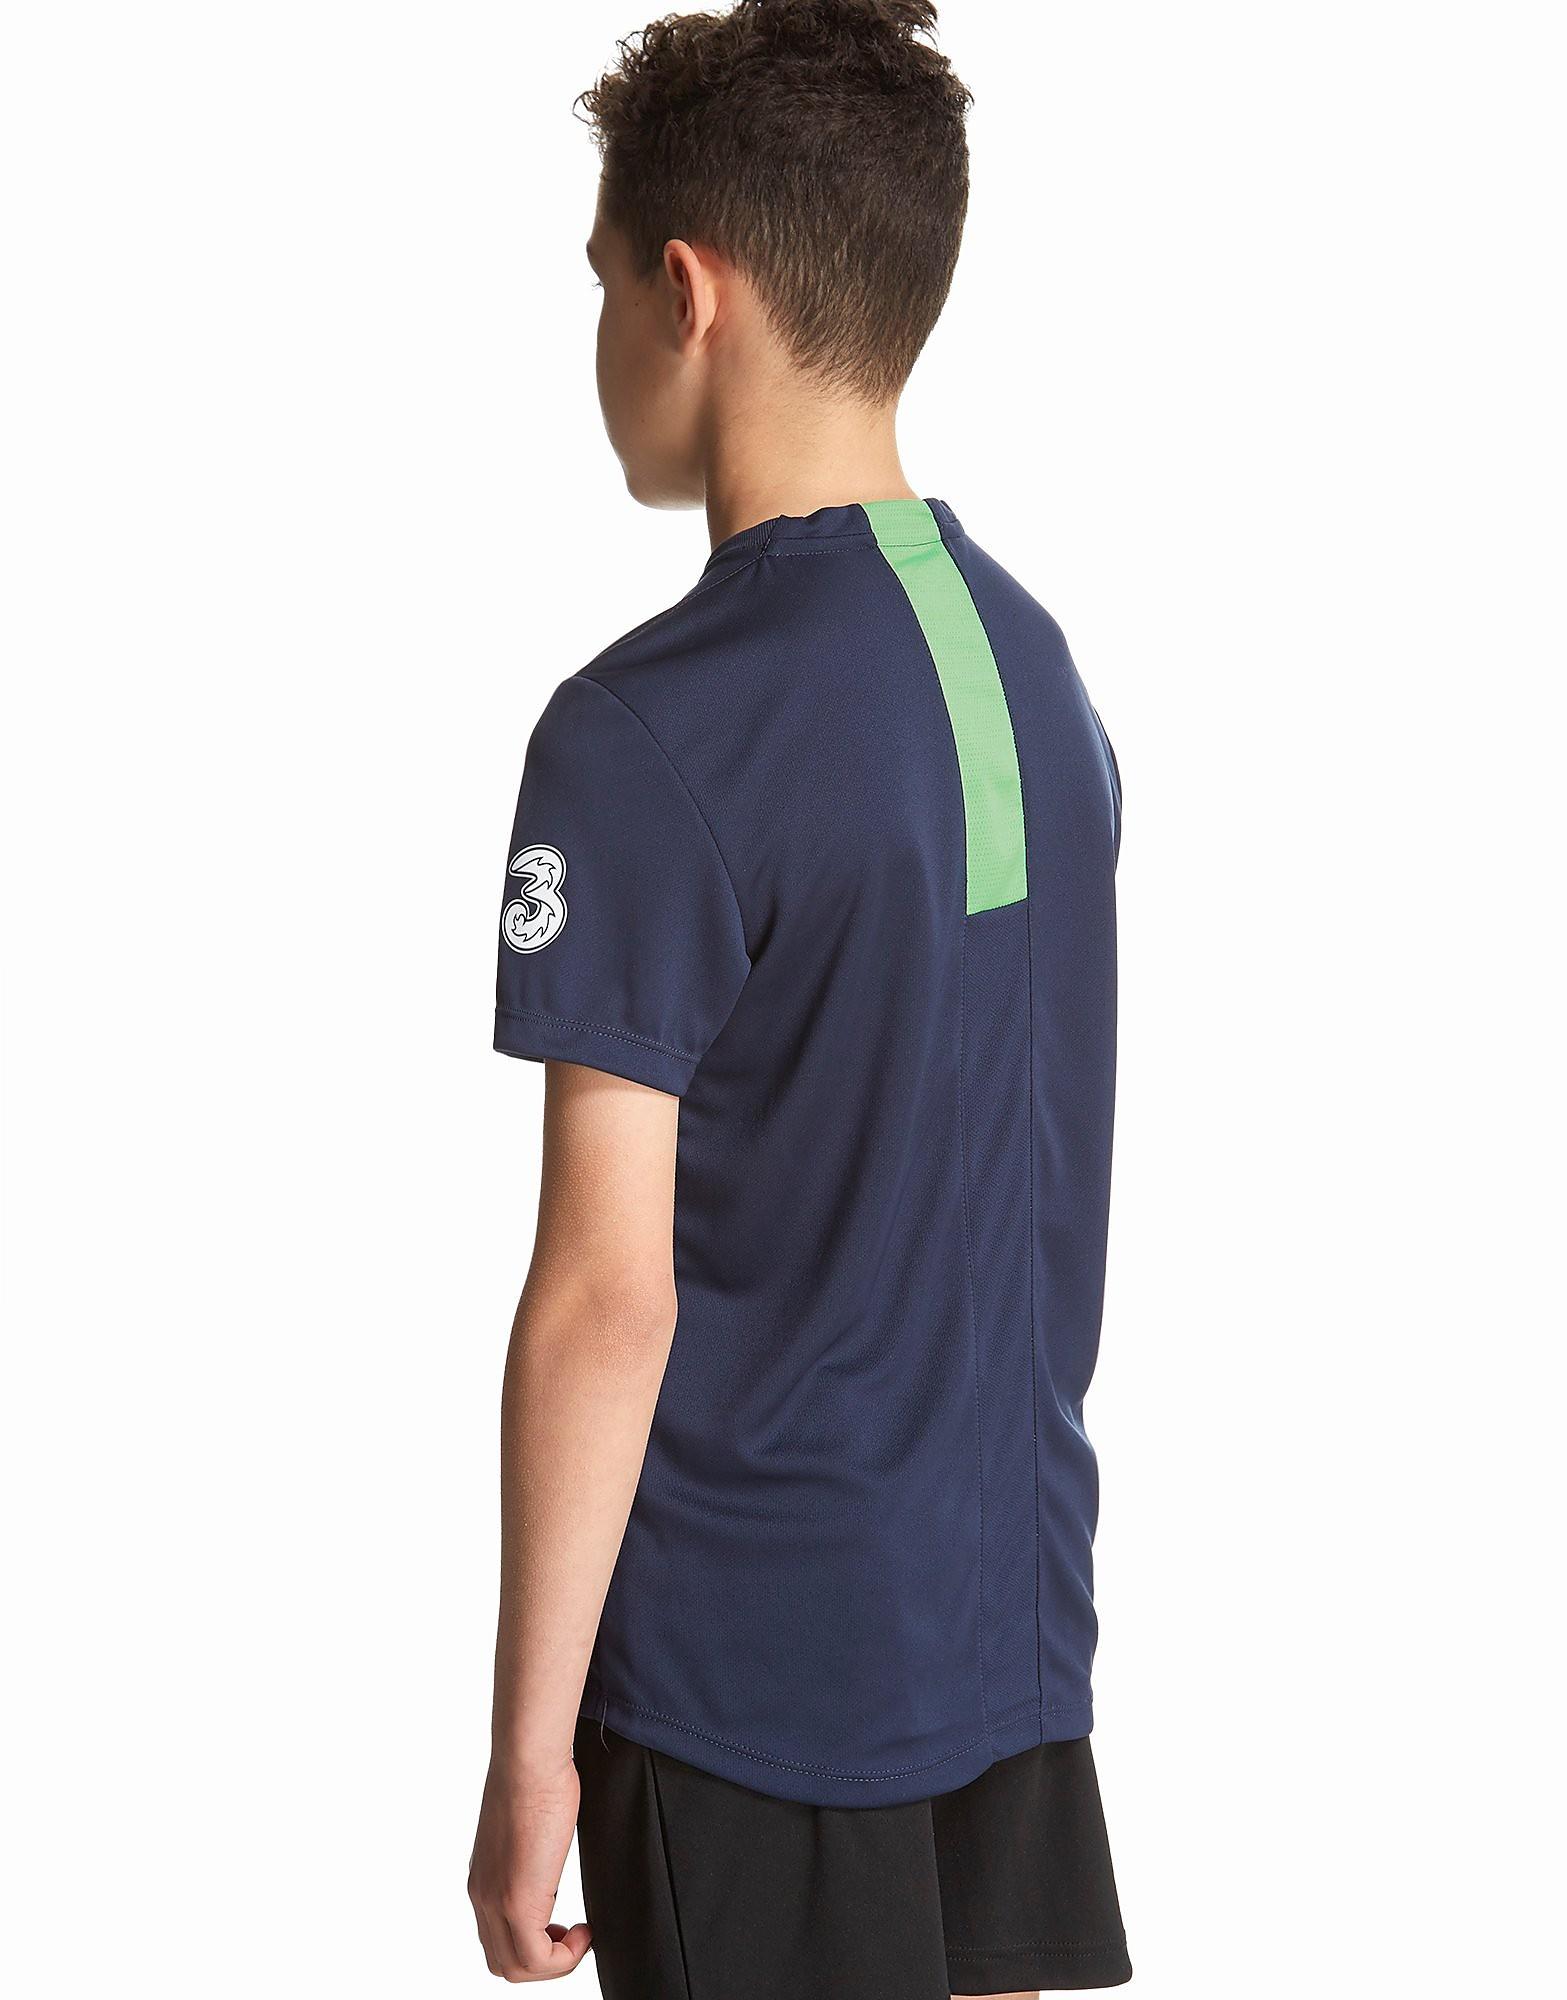 Umbro Republic of Ireland Bench Shirt voor tieners